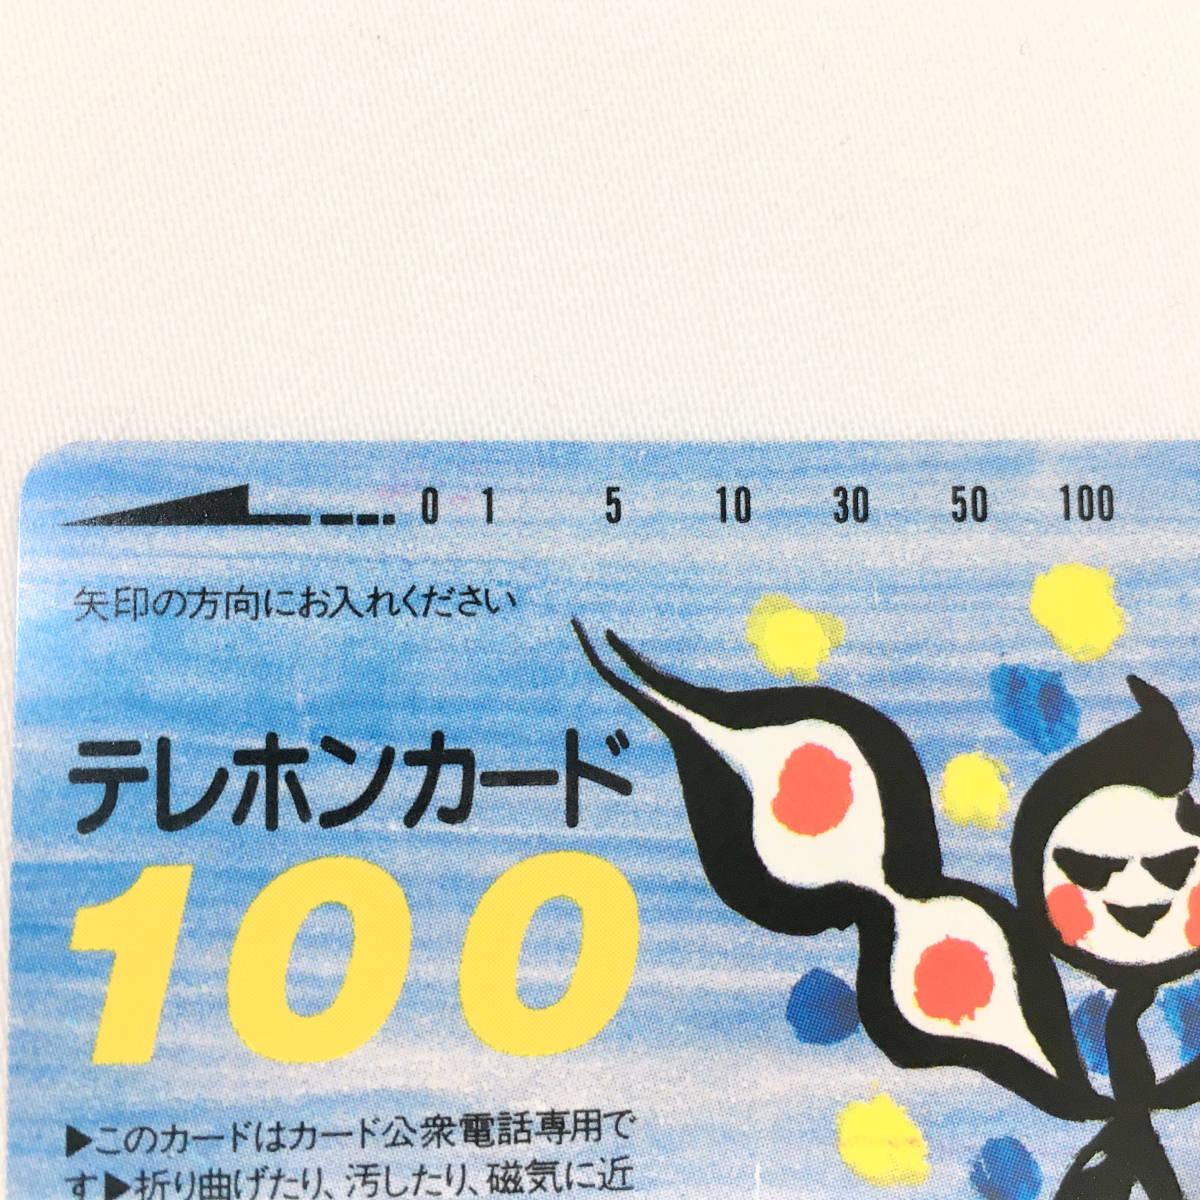 【未使用】 電電公社 岡本太郎 100度数 テレホンカード 矢印点線 バー3mm 計数12桁 昭和 初期 テレカ_画像2